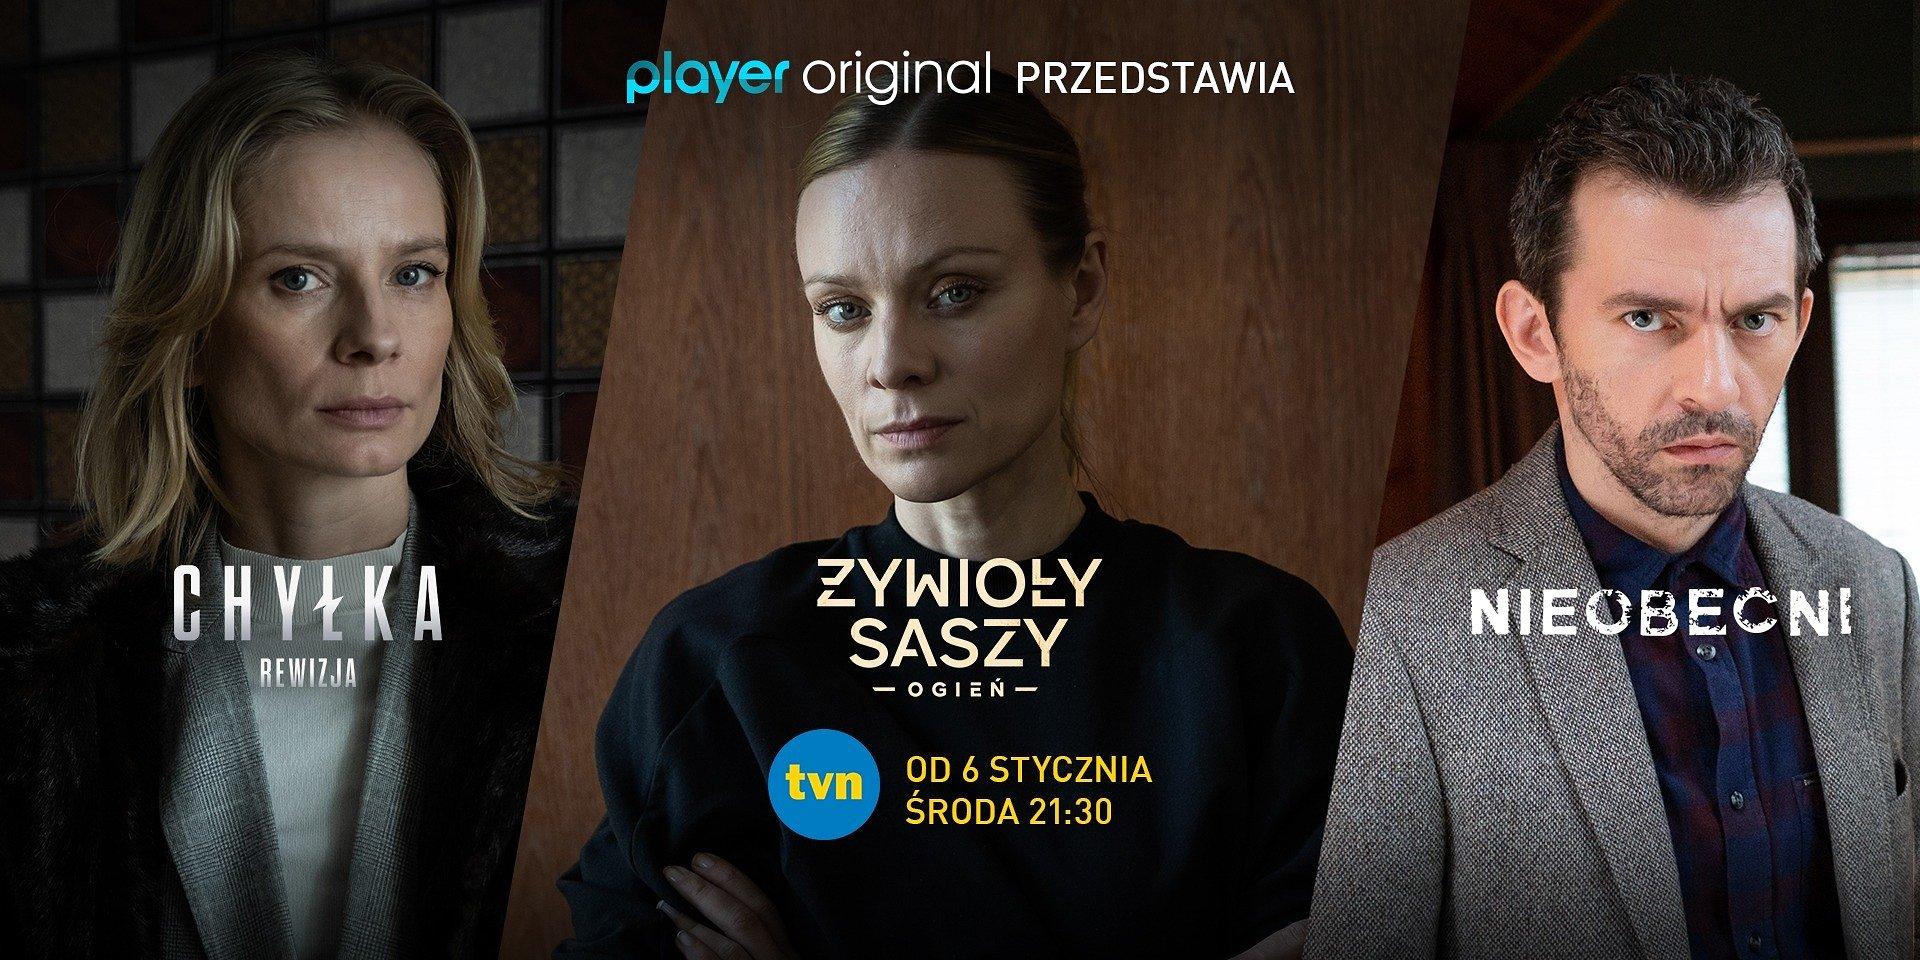 Pierwsze odcinki najnowszych produkcji Player Original w TVN!